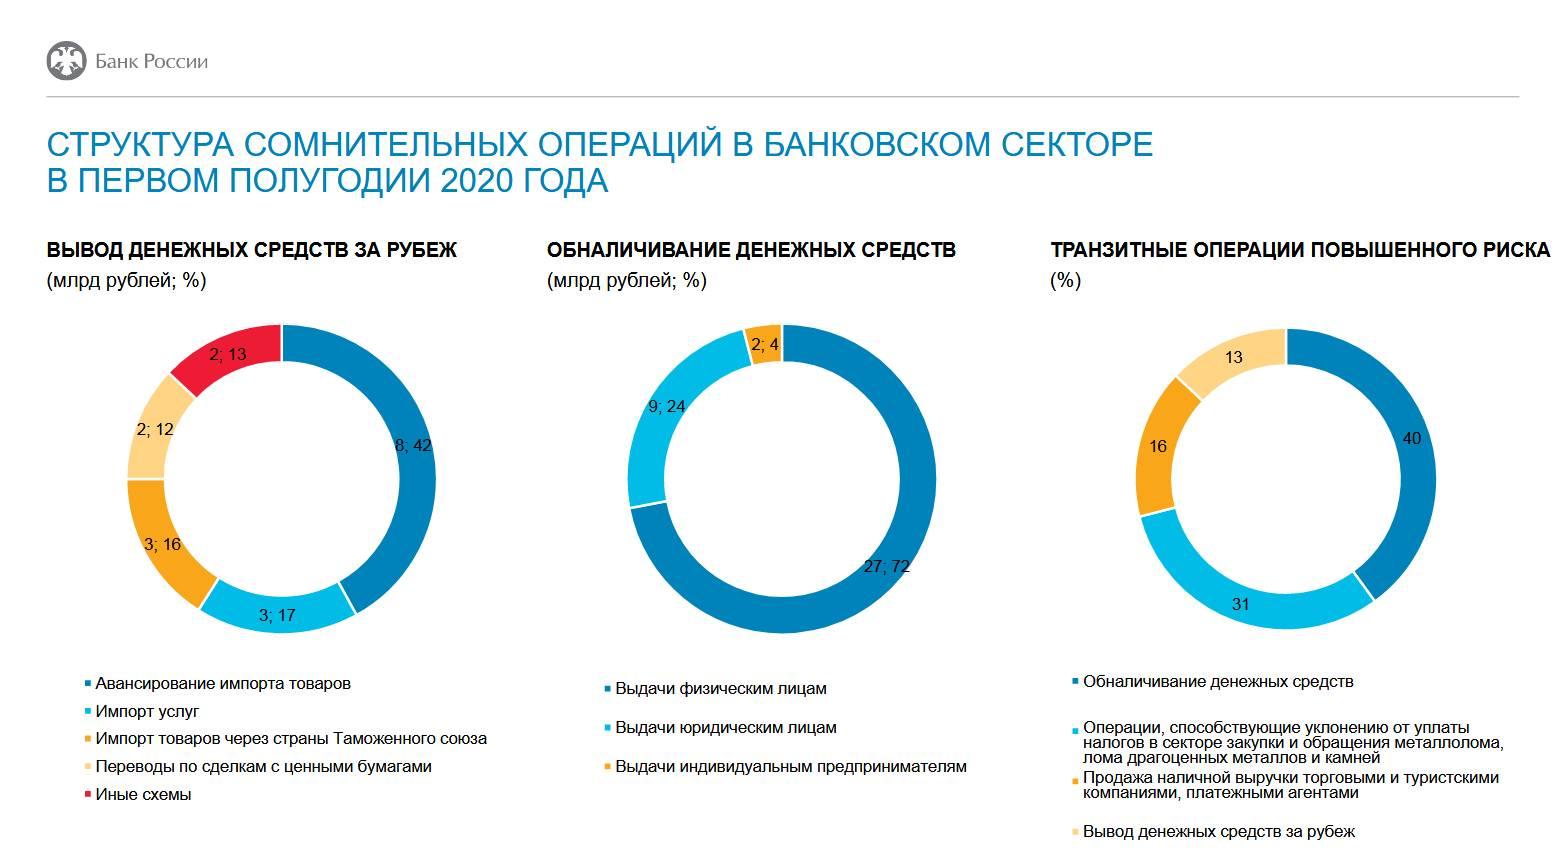 Объемы сомнительных операций в банках в 1 полугодии снизились